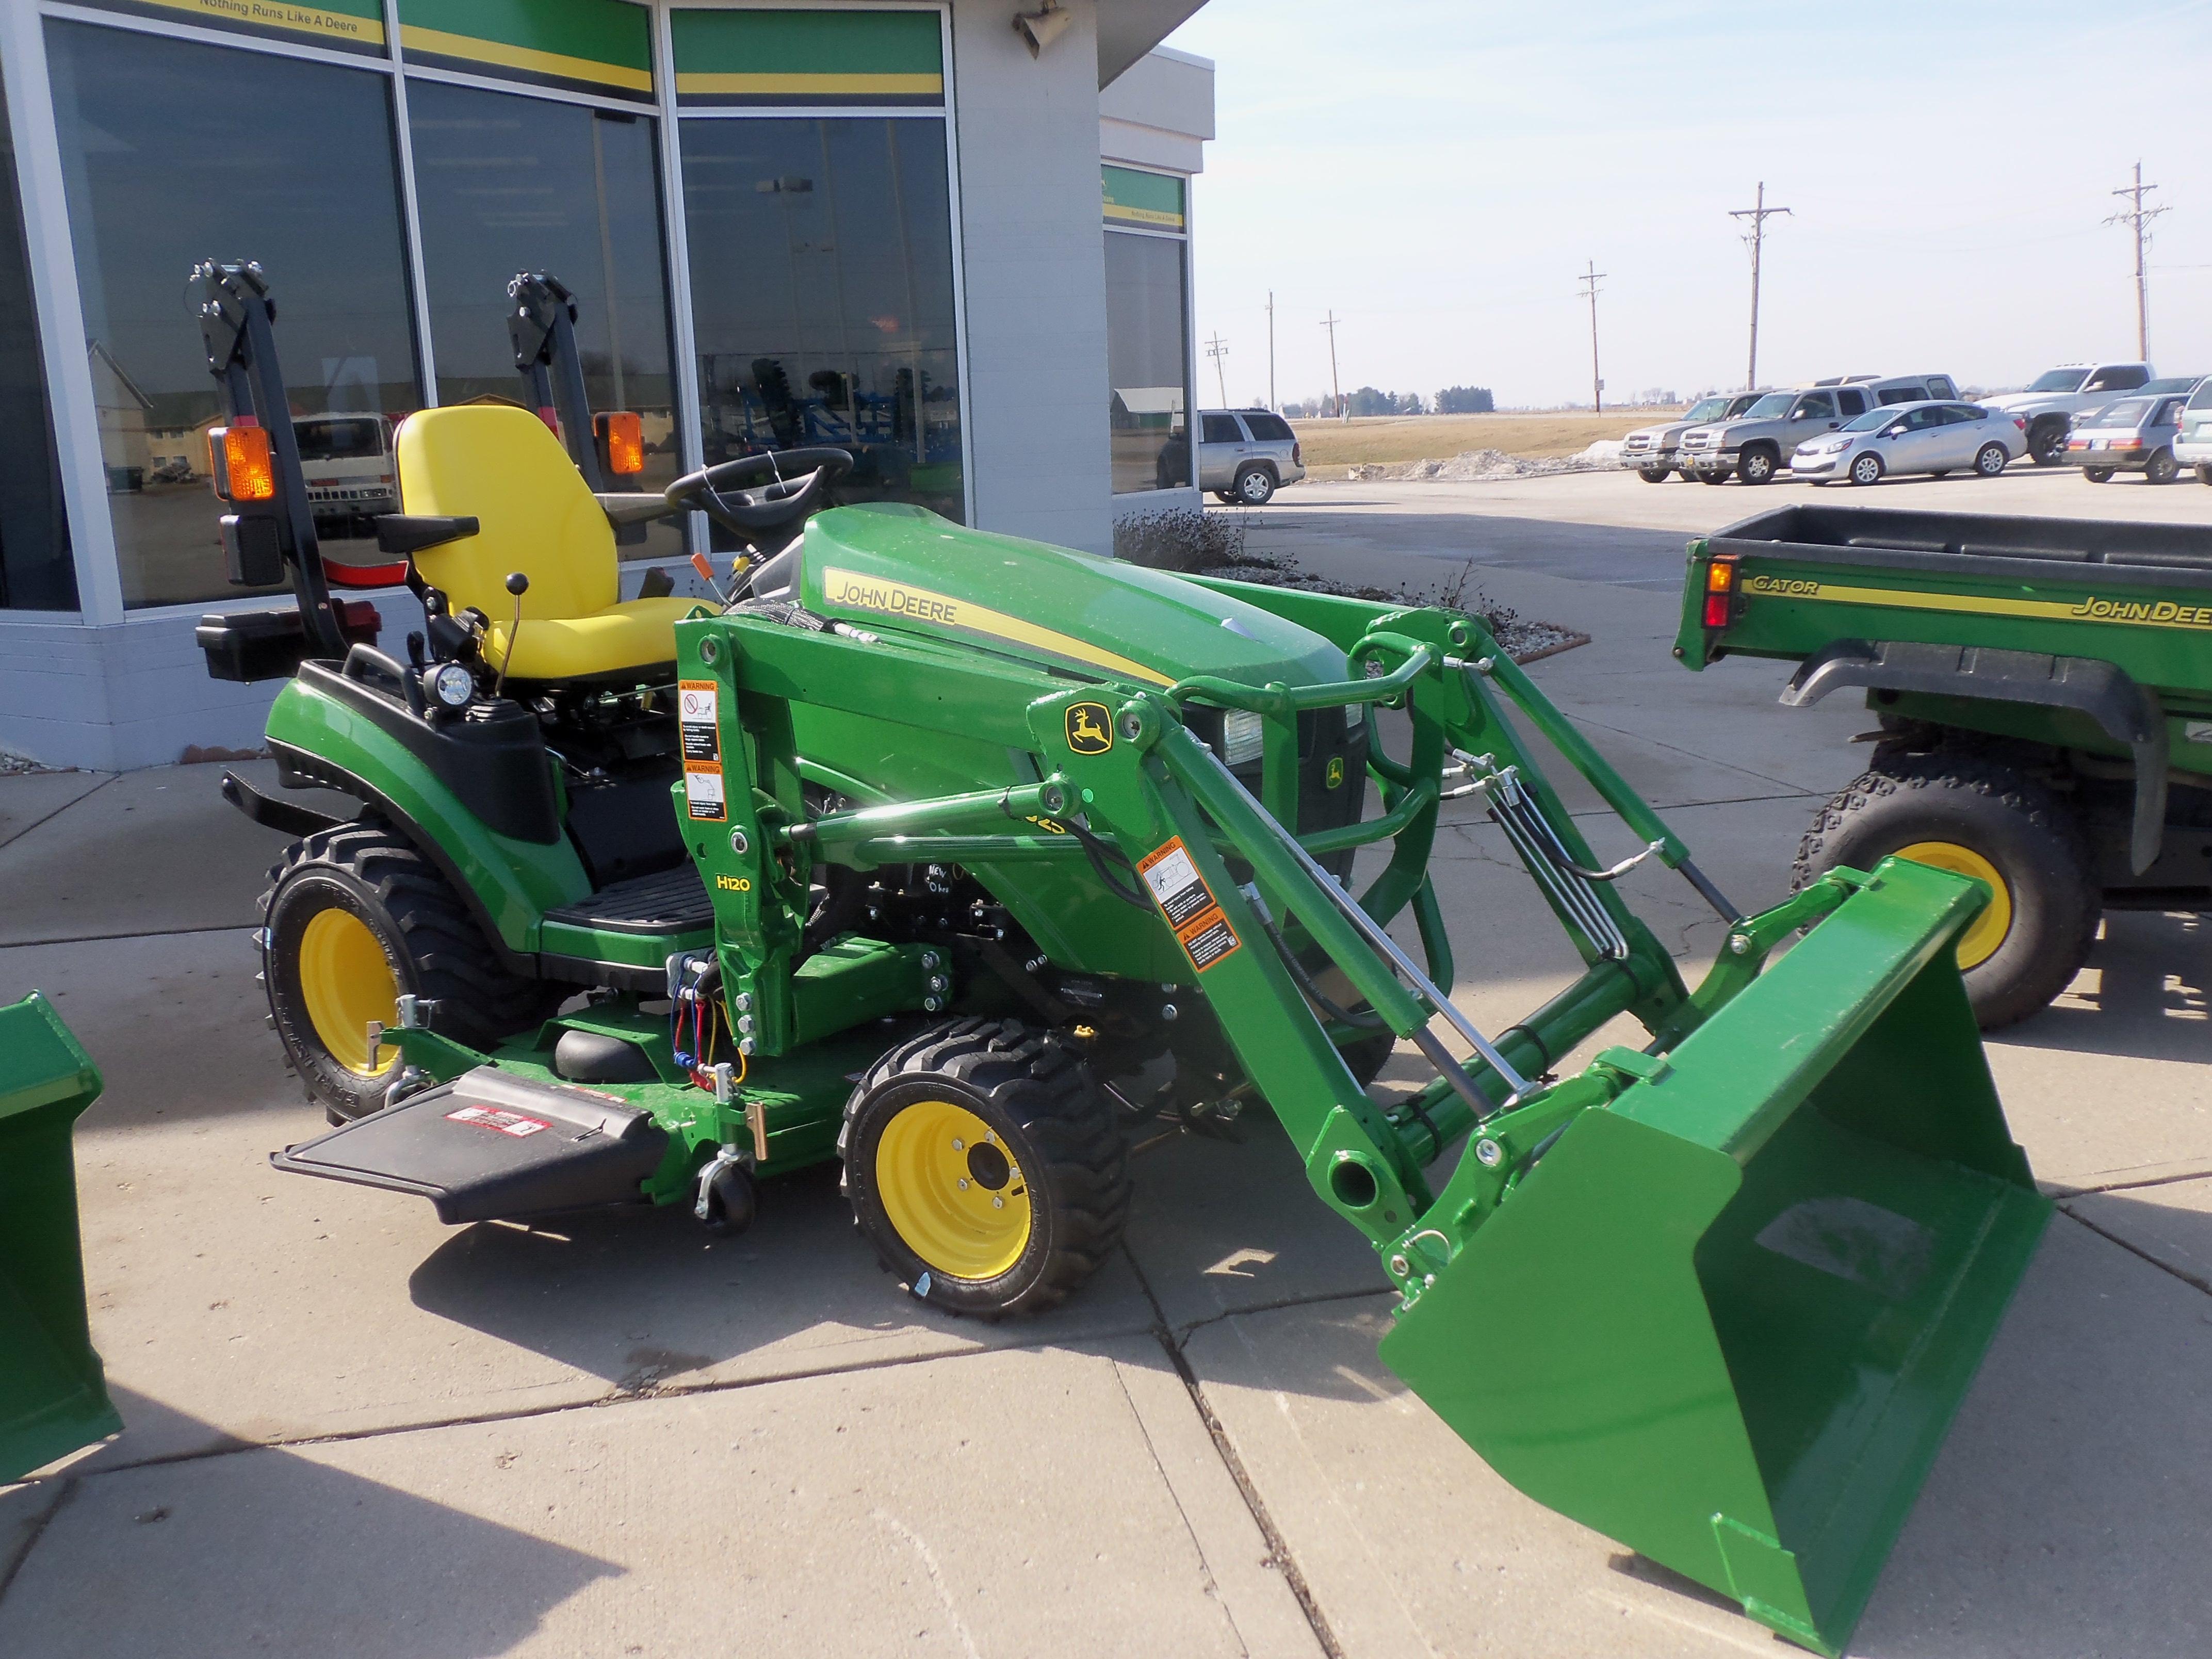 John Deere 1025R with H120 loader | John Deere equipment | Pinterest